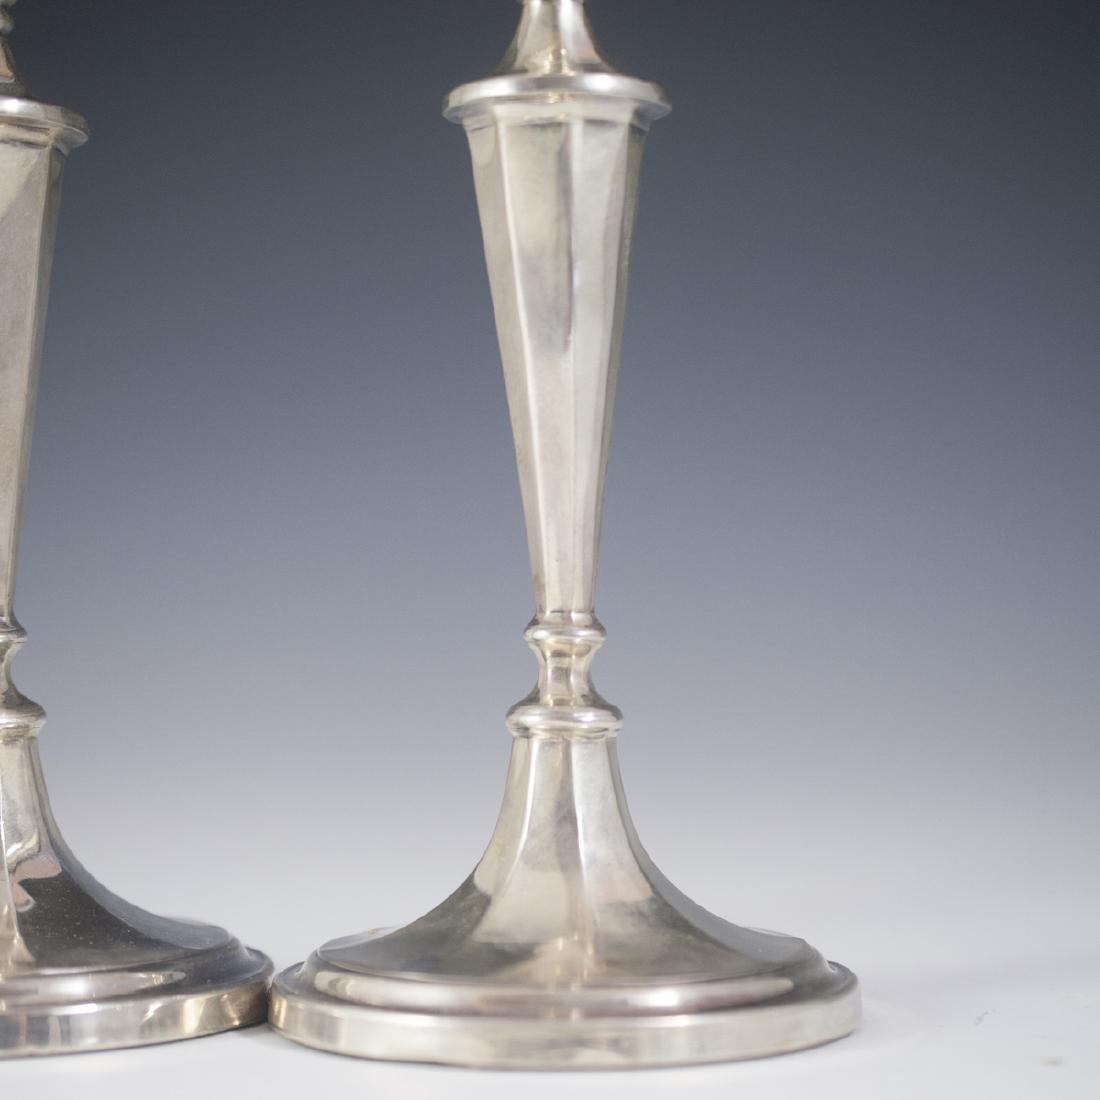 Antique Roberts & Belk Sterling Candlesticks - 4